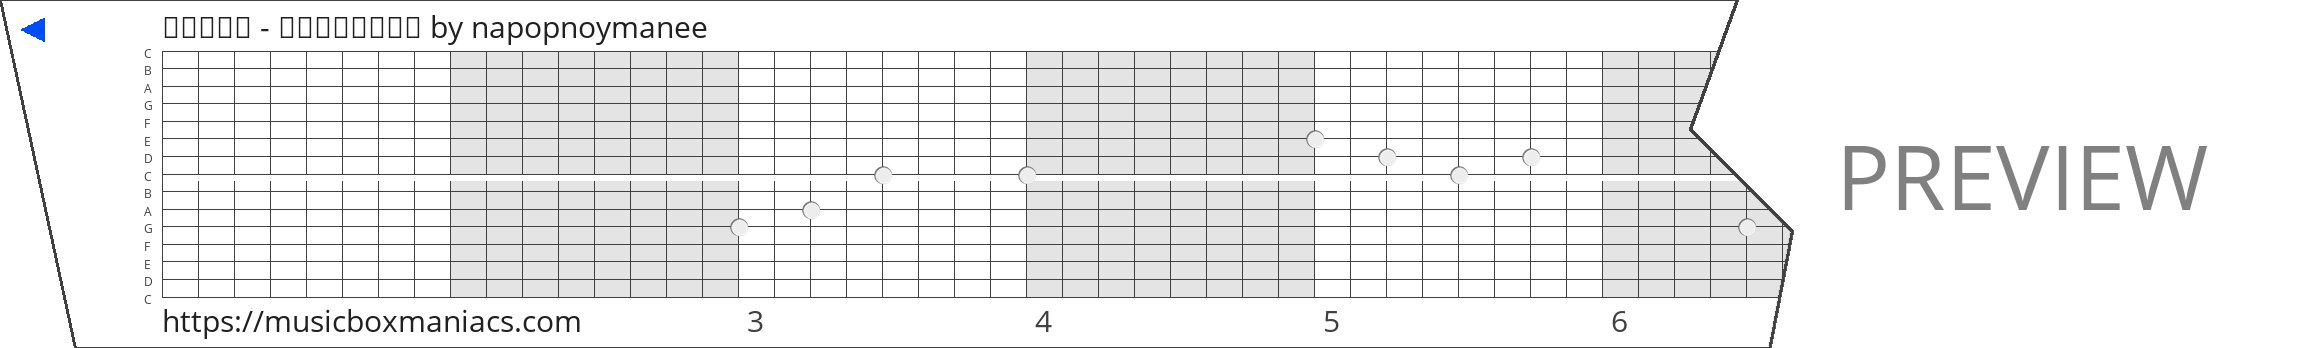 ลูกอม - วัชราวลี 15 note music box paper strip